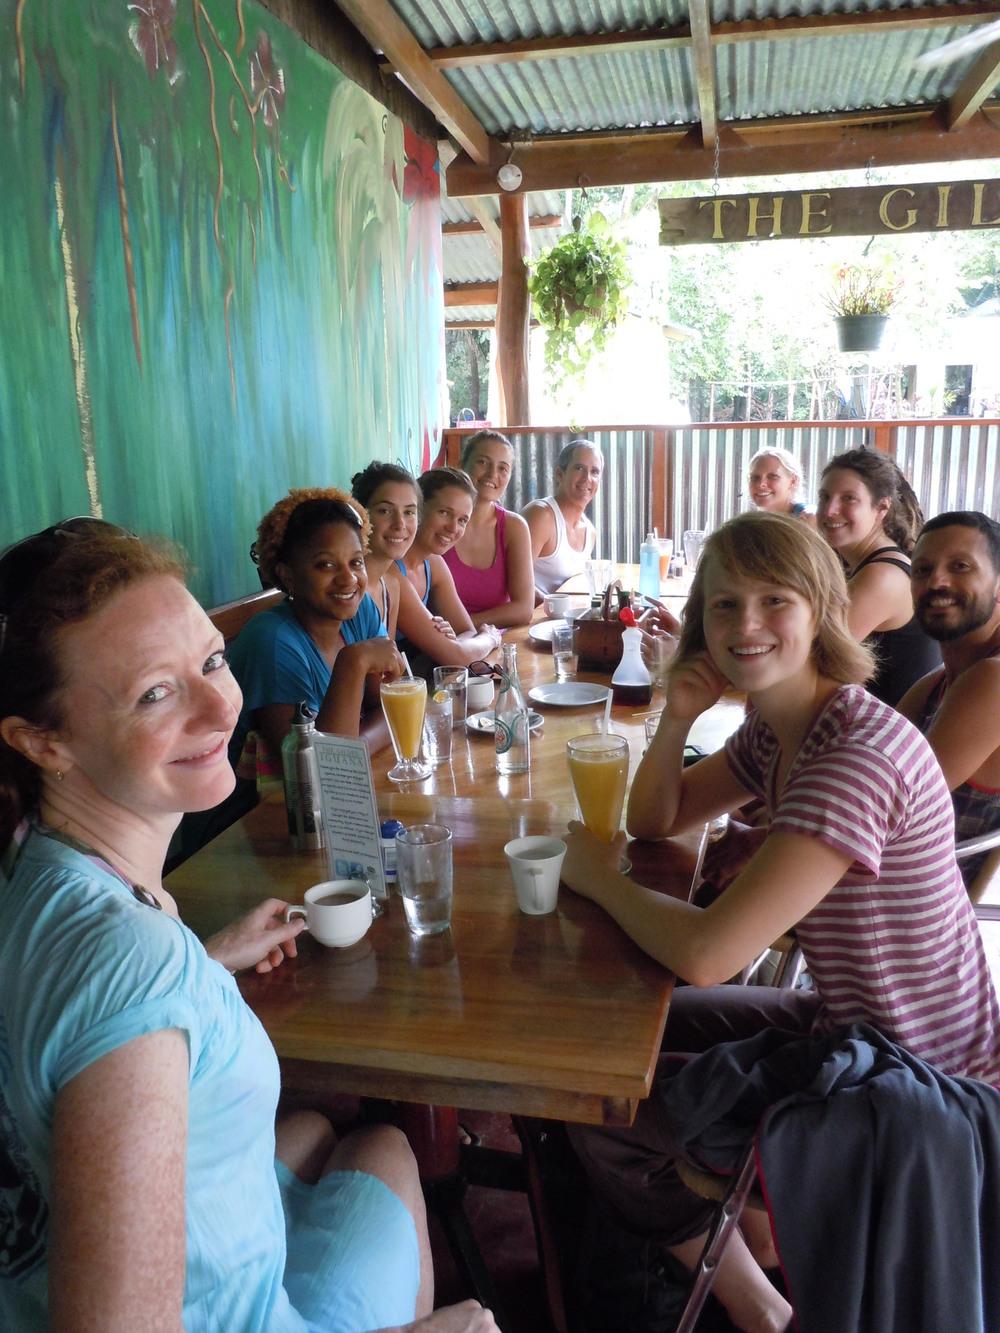 Sunday brunch at The Gilded Iguana.